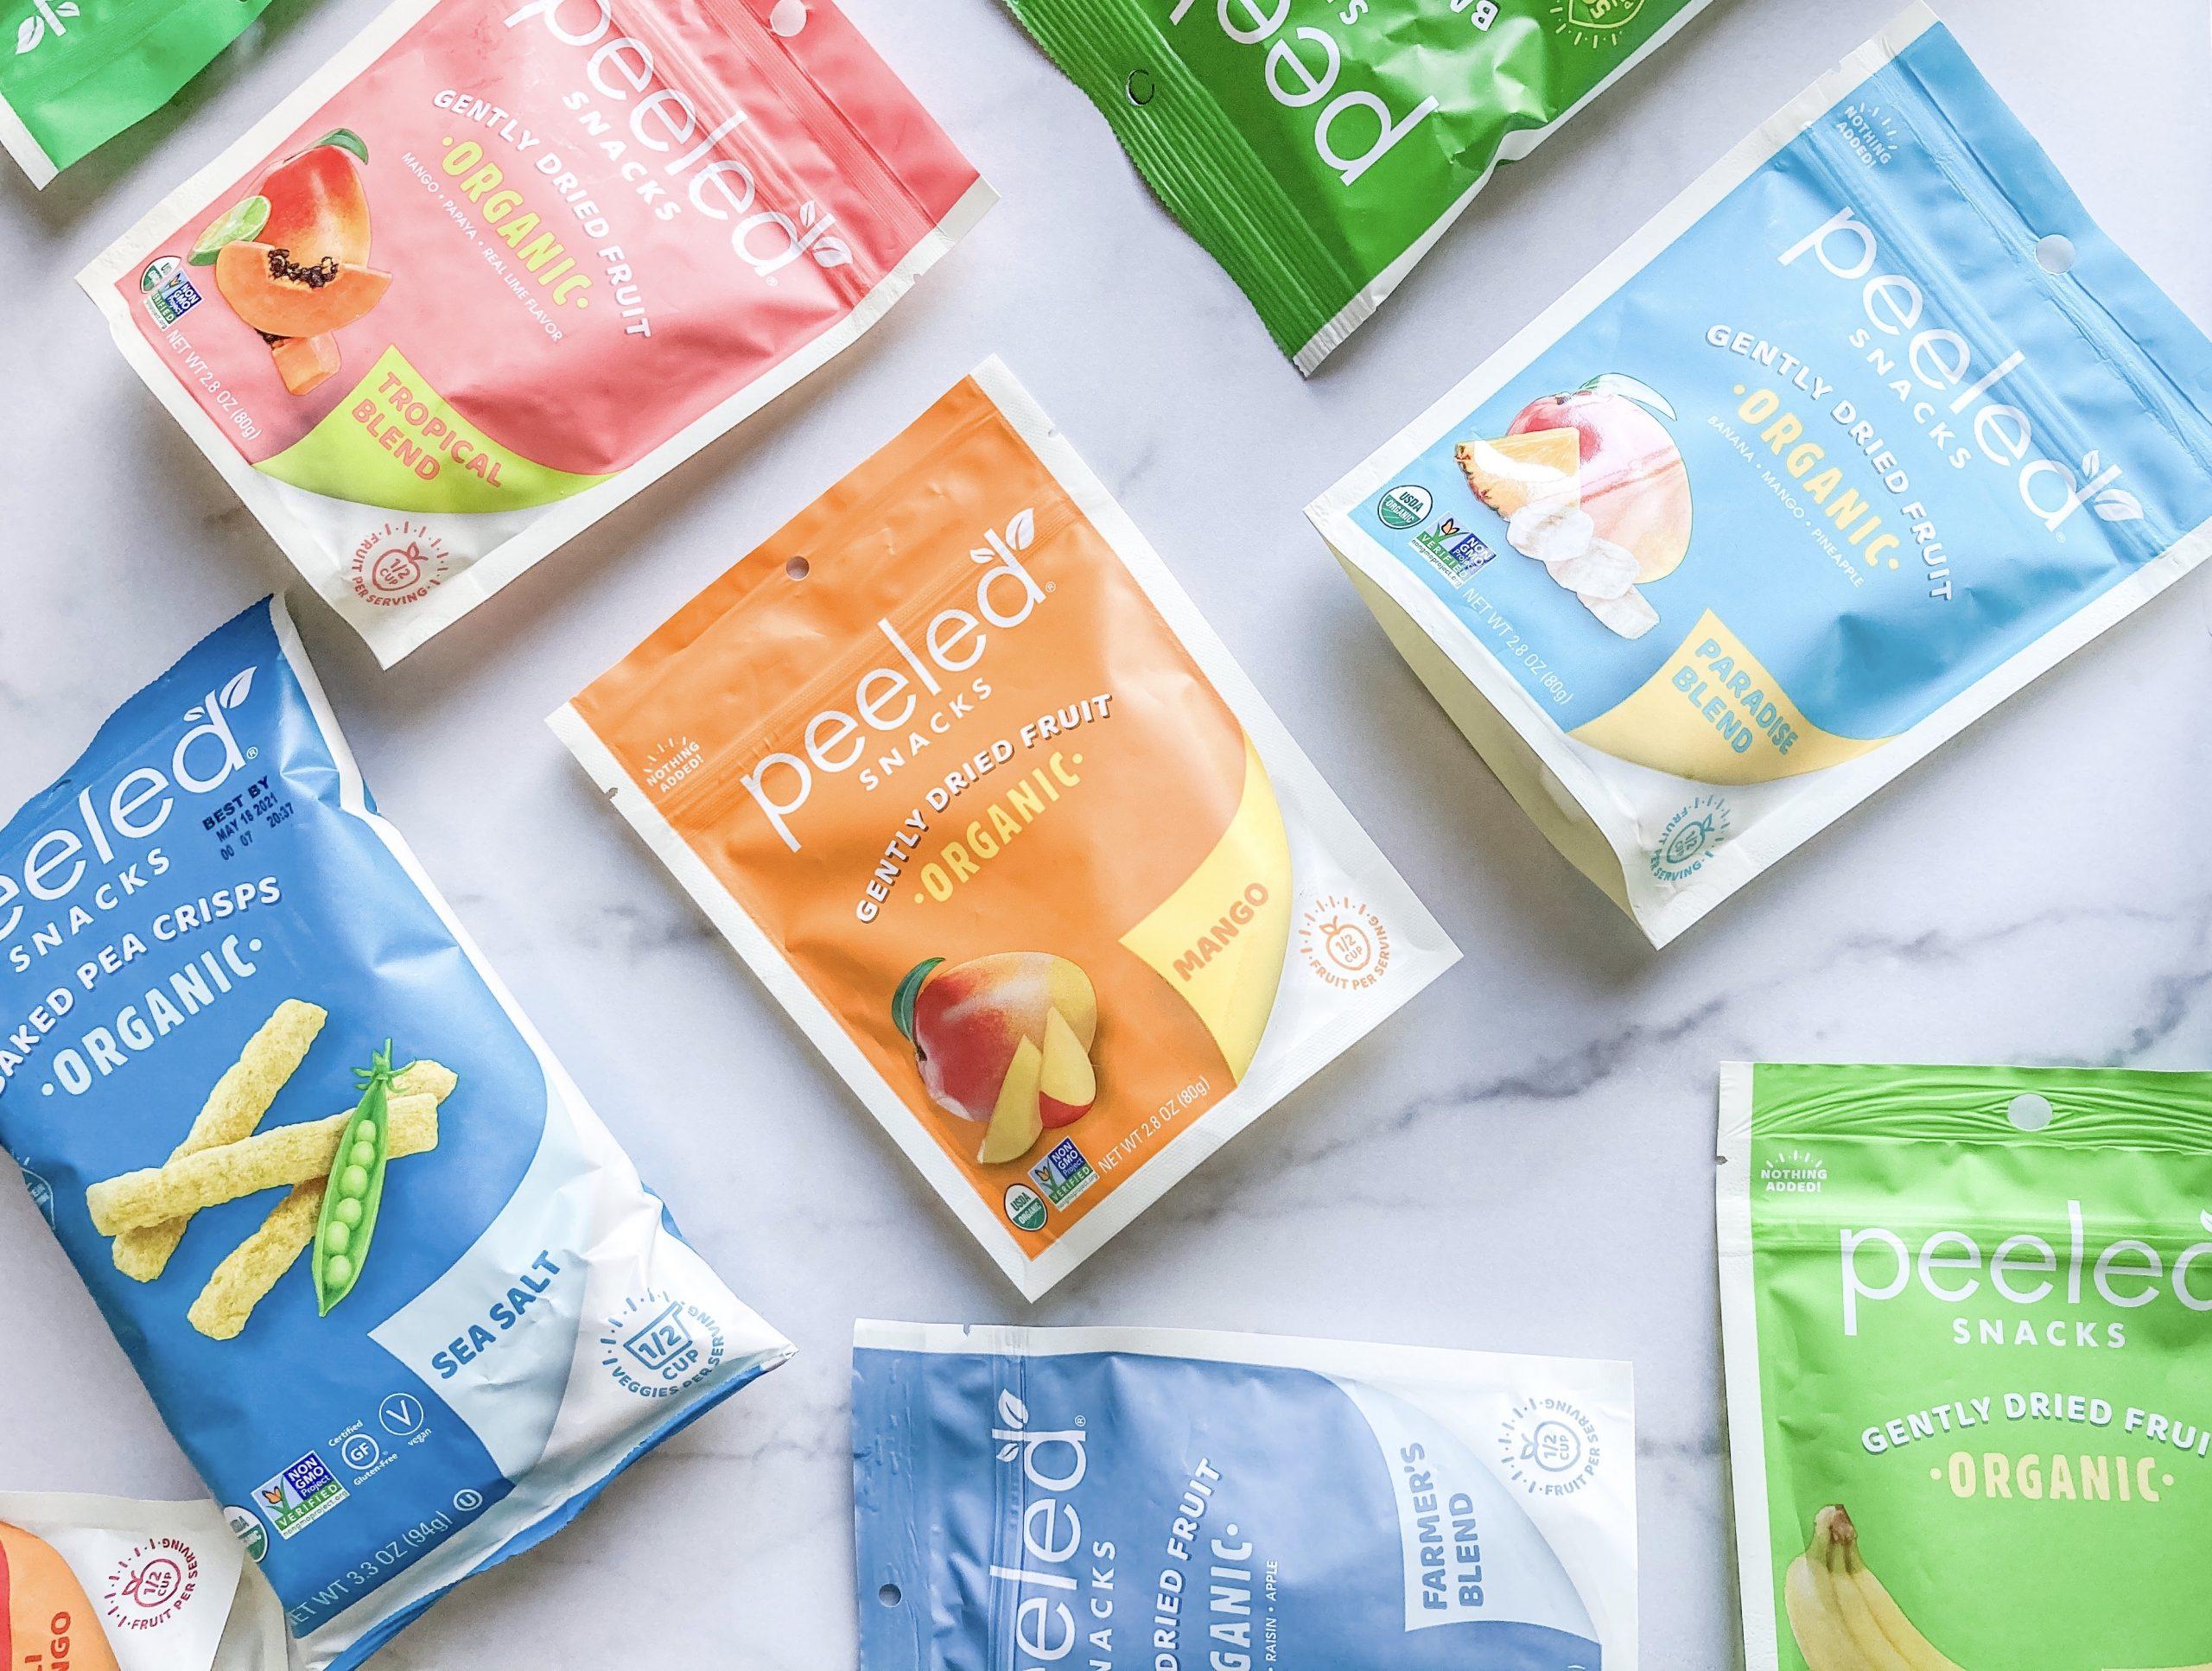 bags of peeled snacks